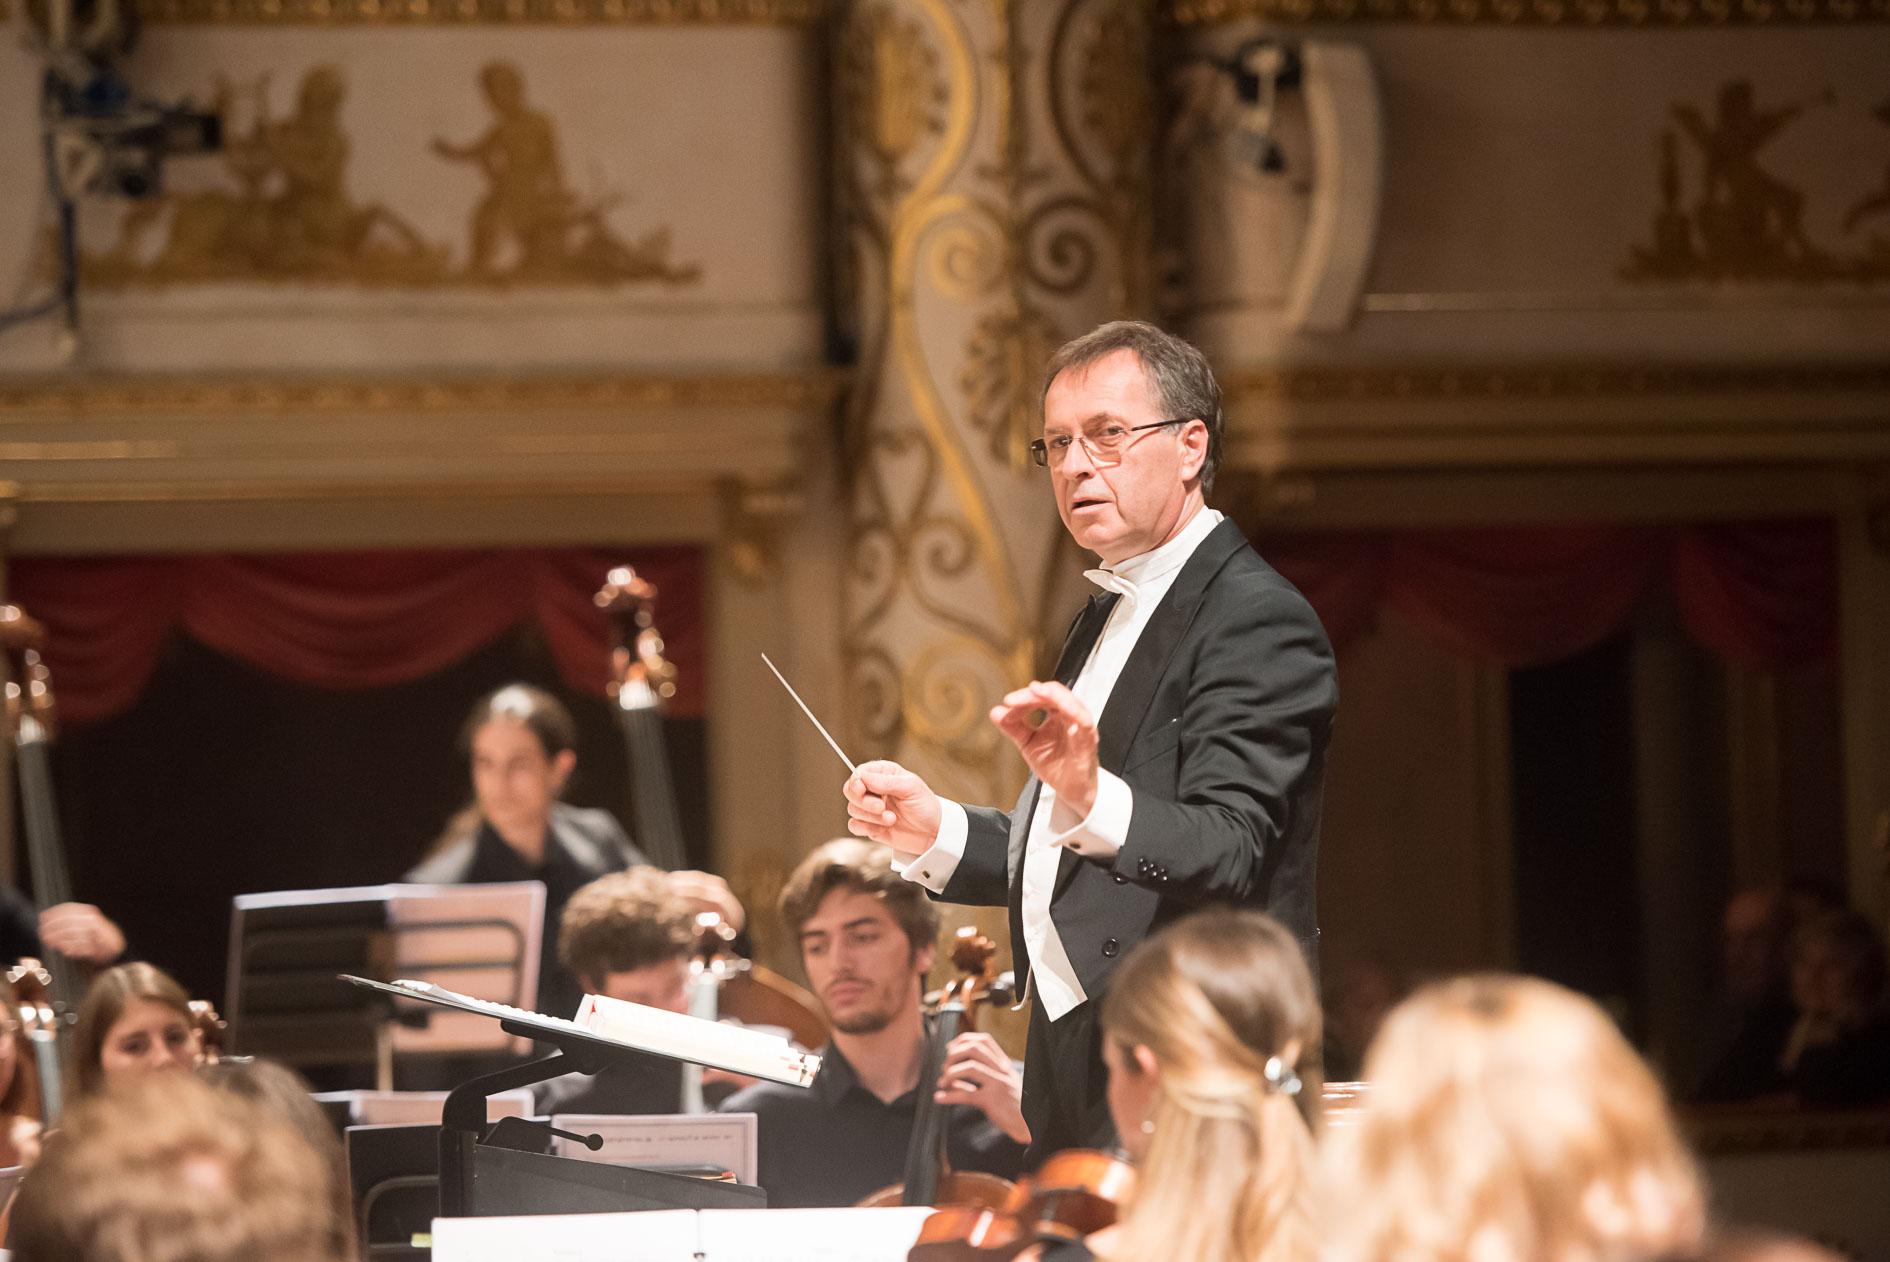 Il direttore d'orchestra Giovanni Di Stefano